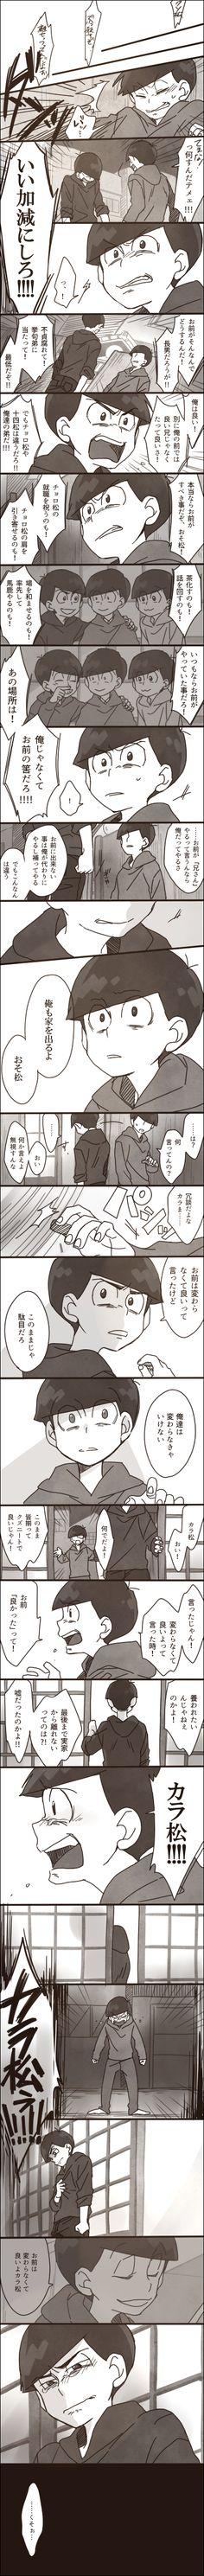 「【腐】24話」/「ゆた」の漫画 [pixiv]